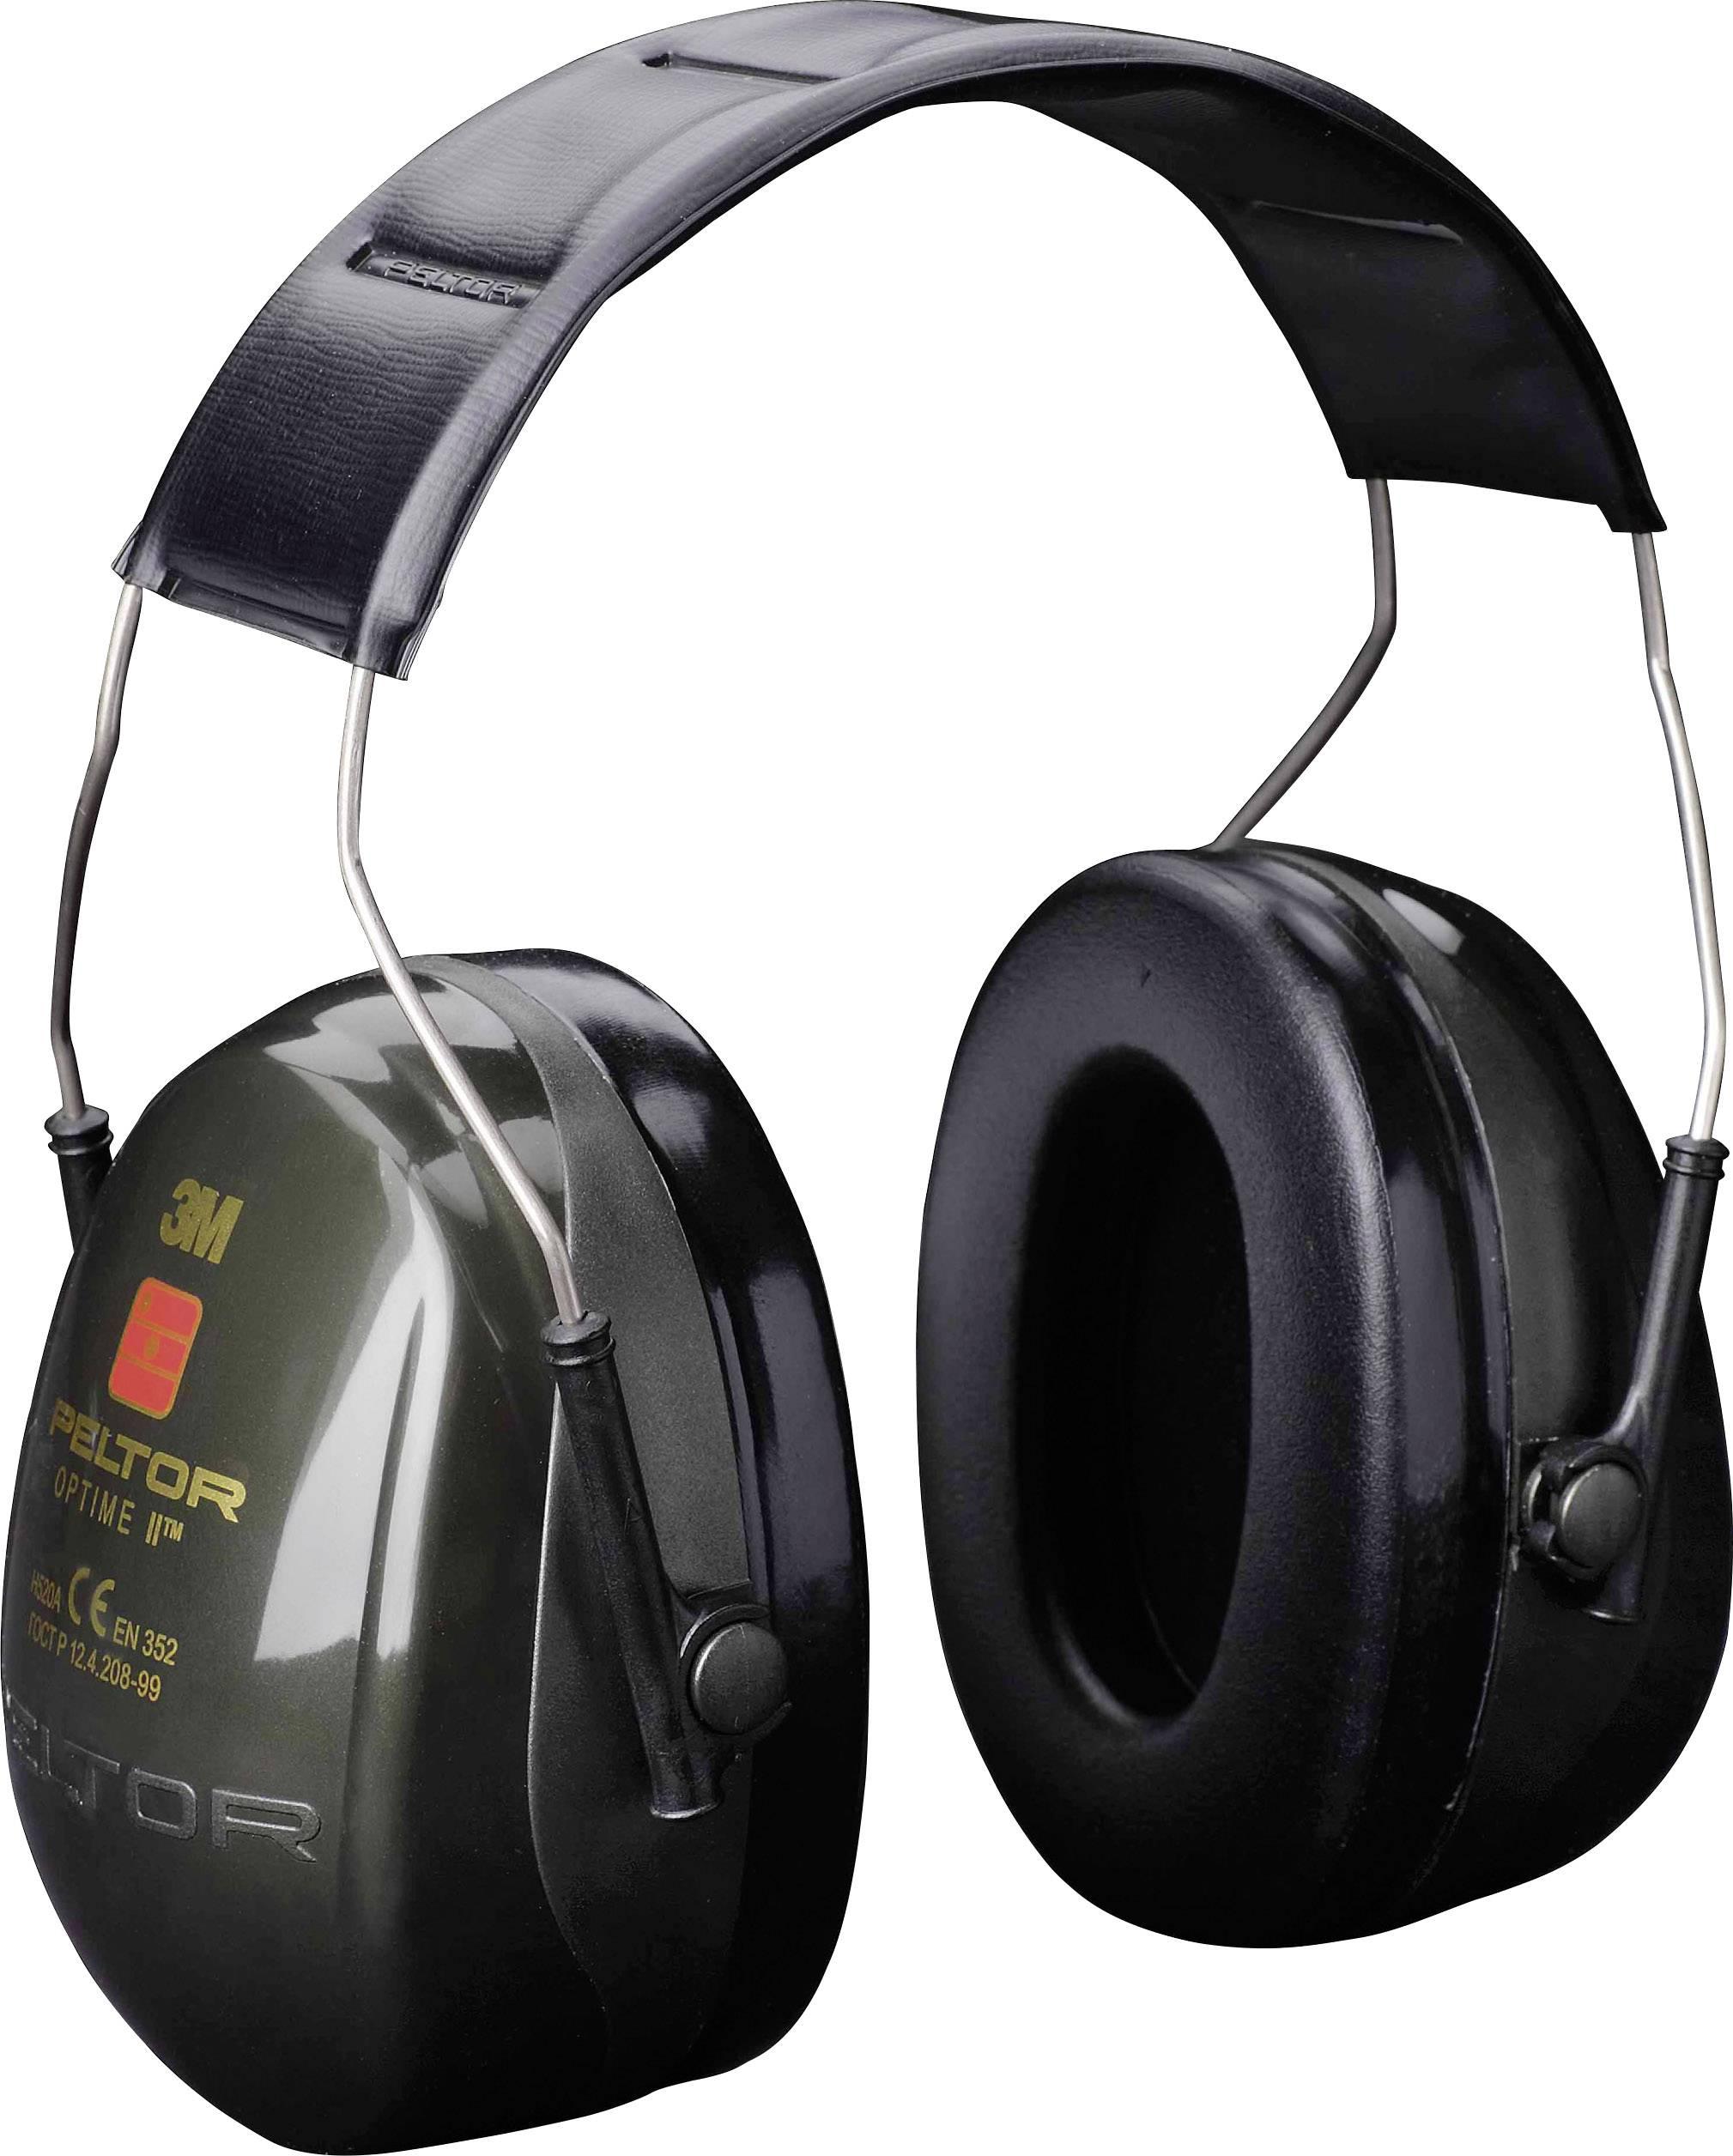 Mušľový chránič sluchu 3M Peltor OPTIME II H520A, 31 dB, 1 ks